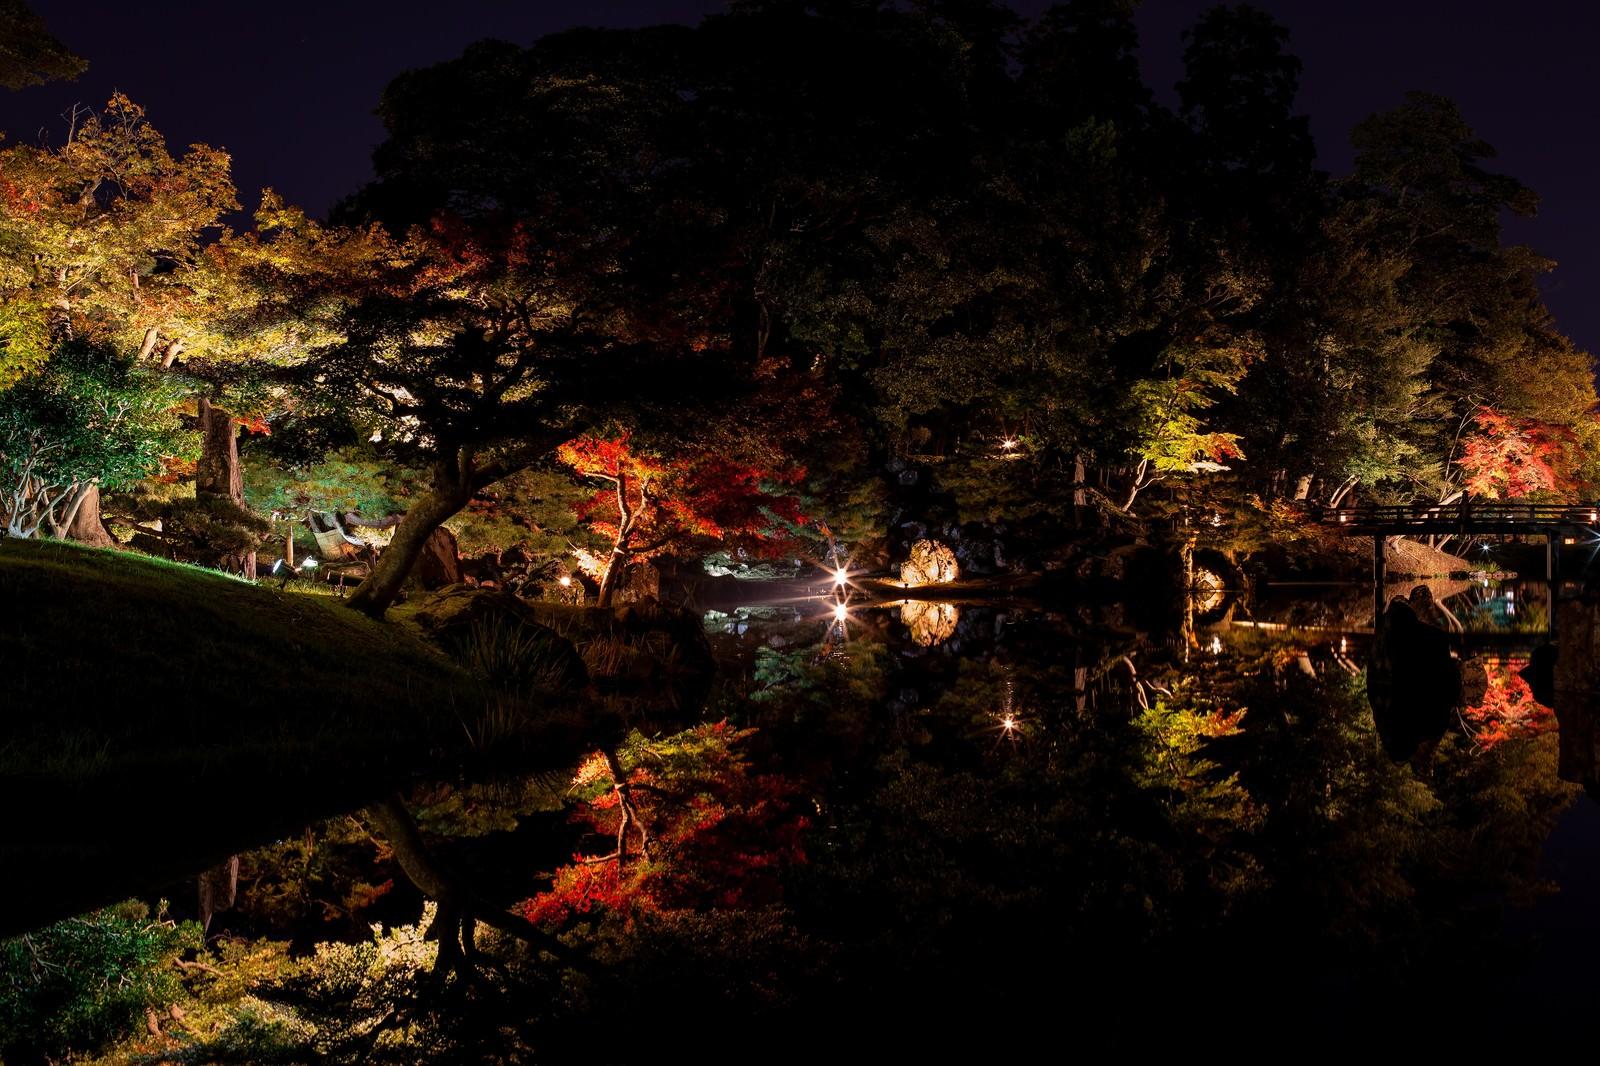 「錦秋の玄宮園のライトアップ」の写真